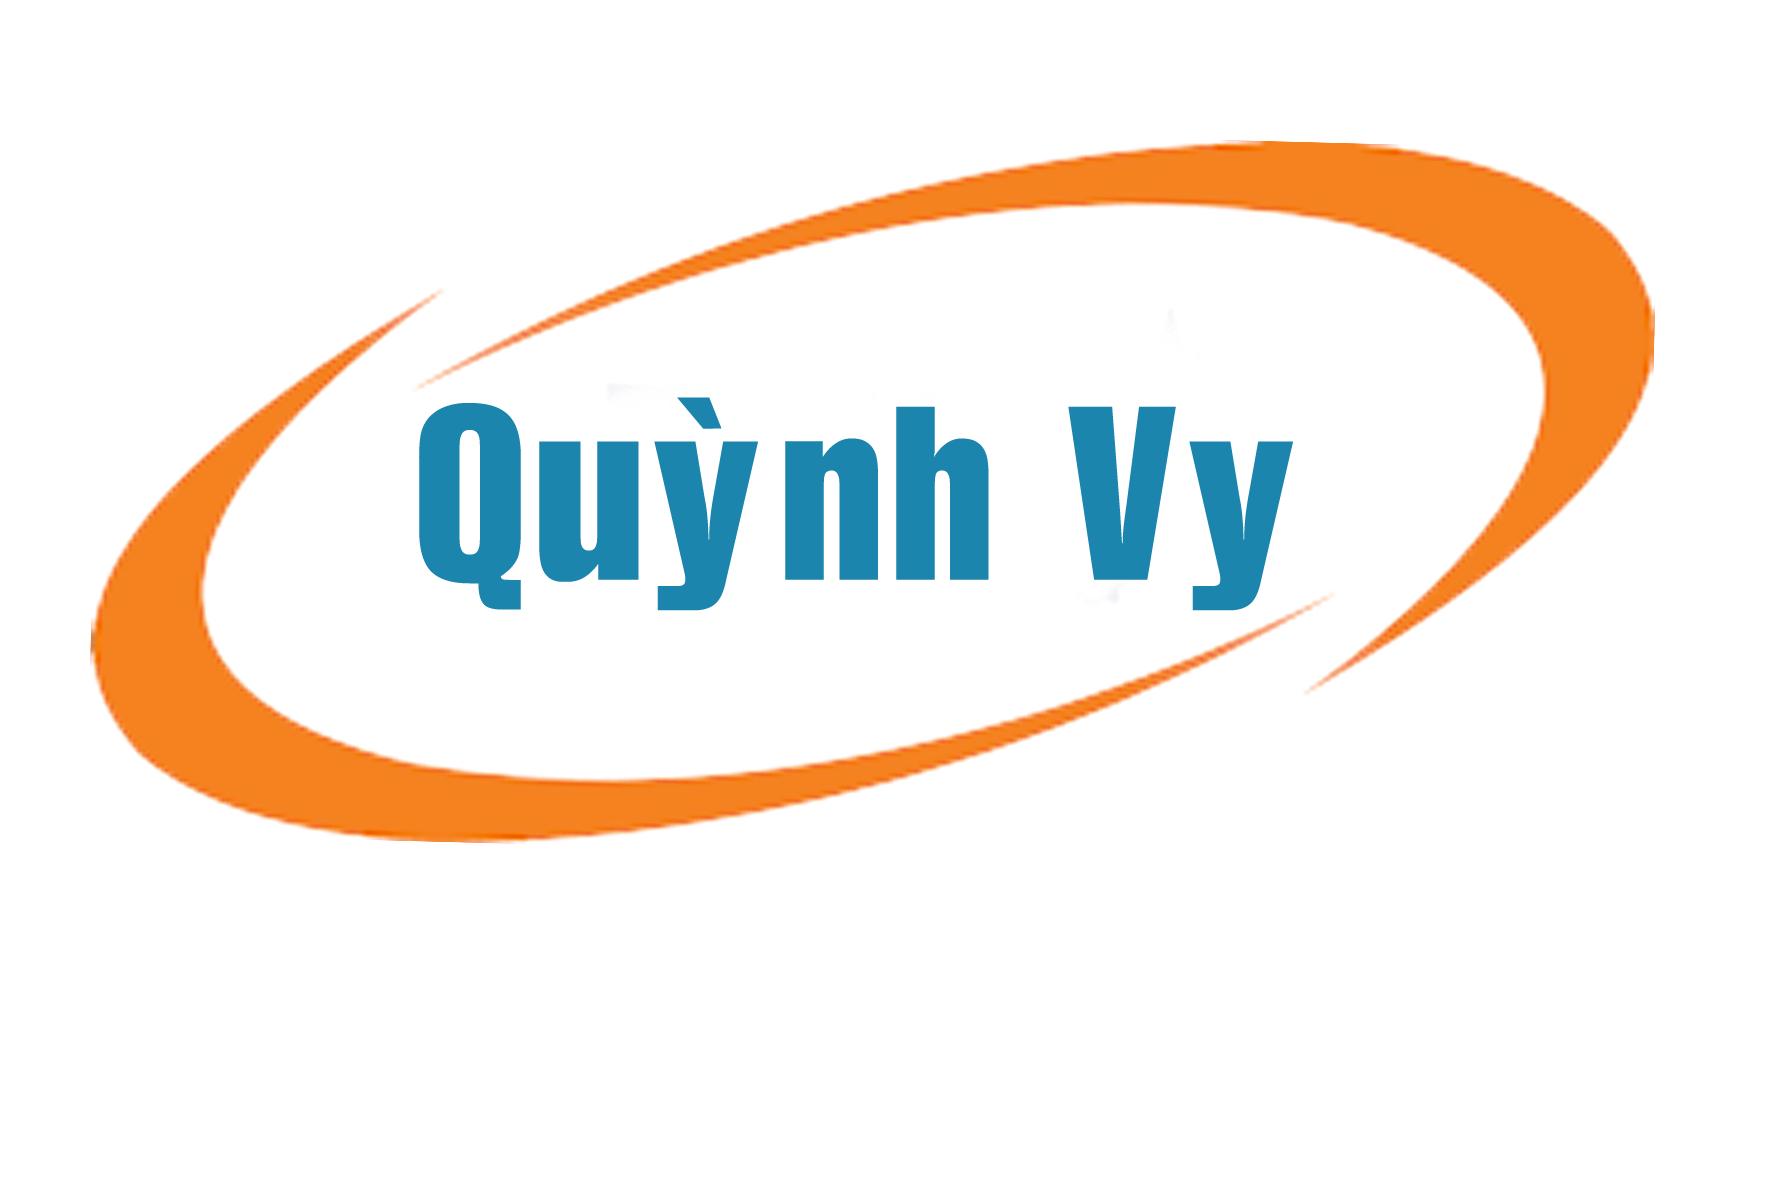 Công ty tnhh cn Quỳnh Vy